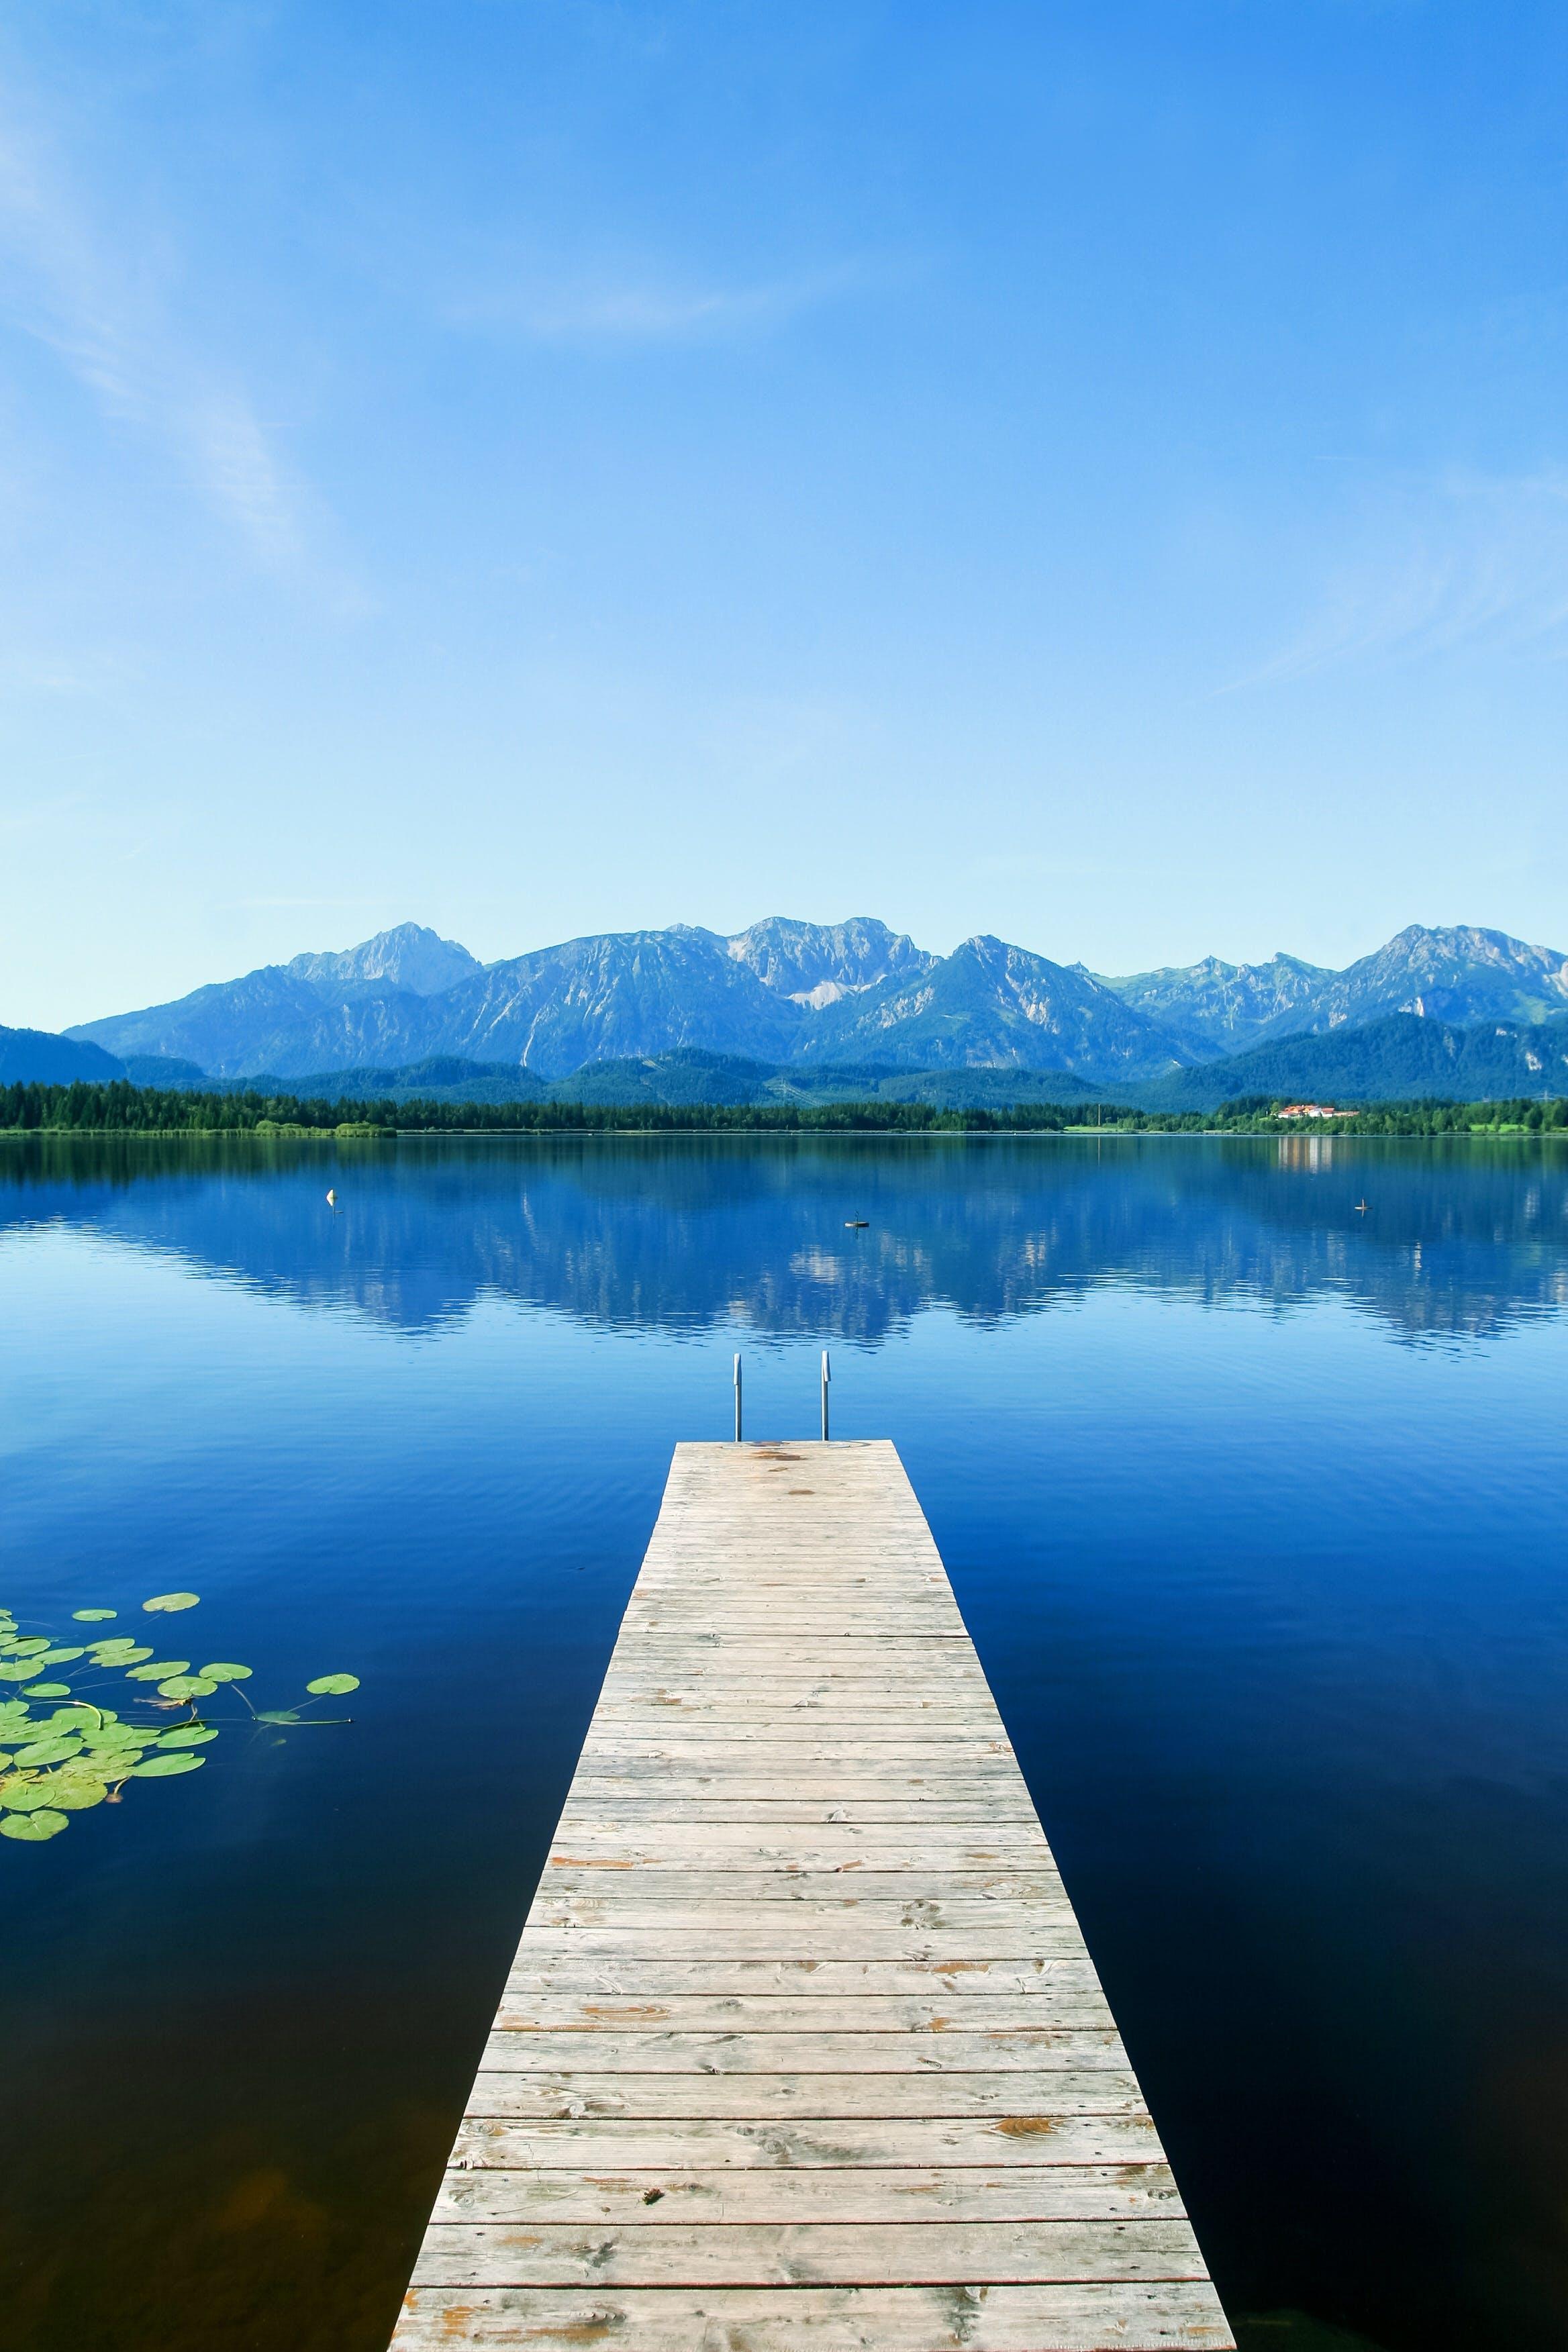 Kostenloses Stock Foto zu anlegesteg, berge, freizeit, landschaftlich